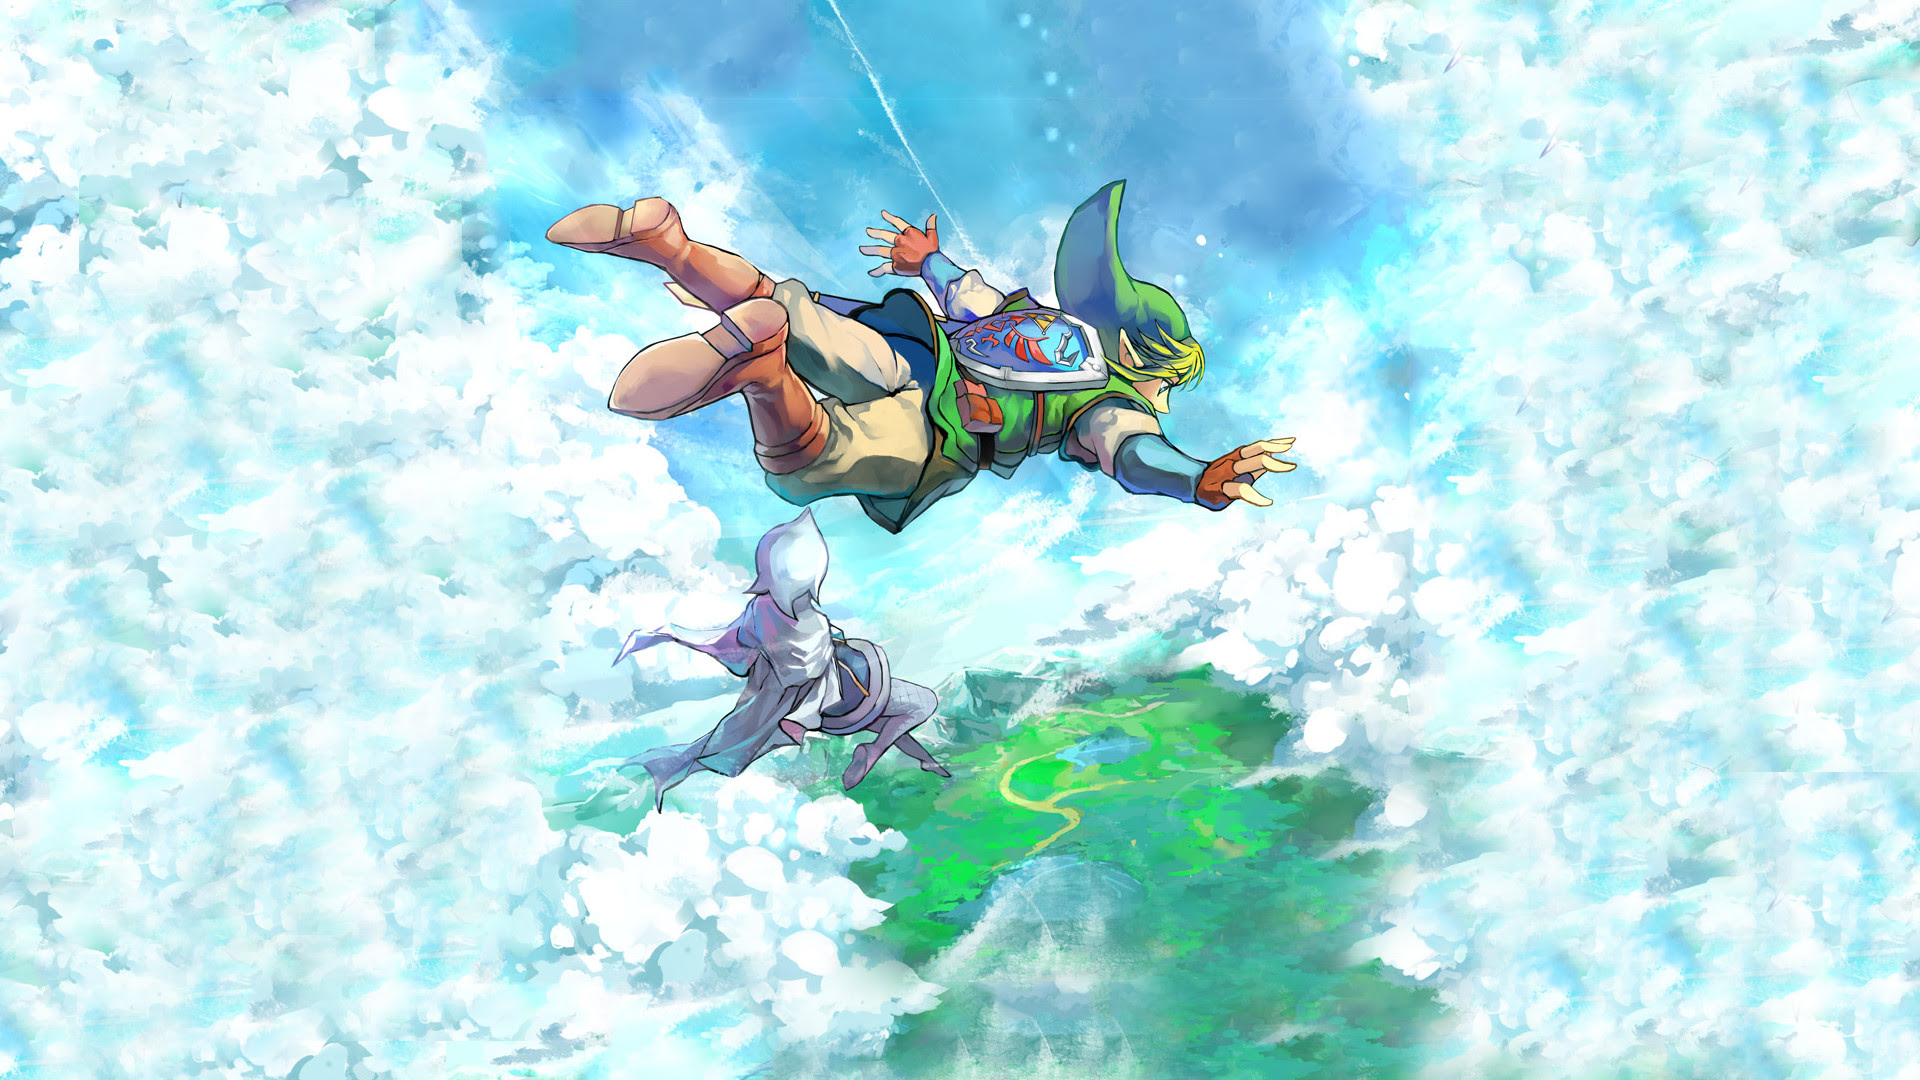 Zelda Skyward Sword Wallpaper 75 Images